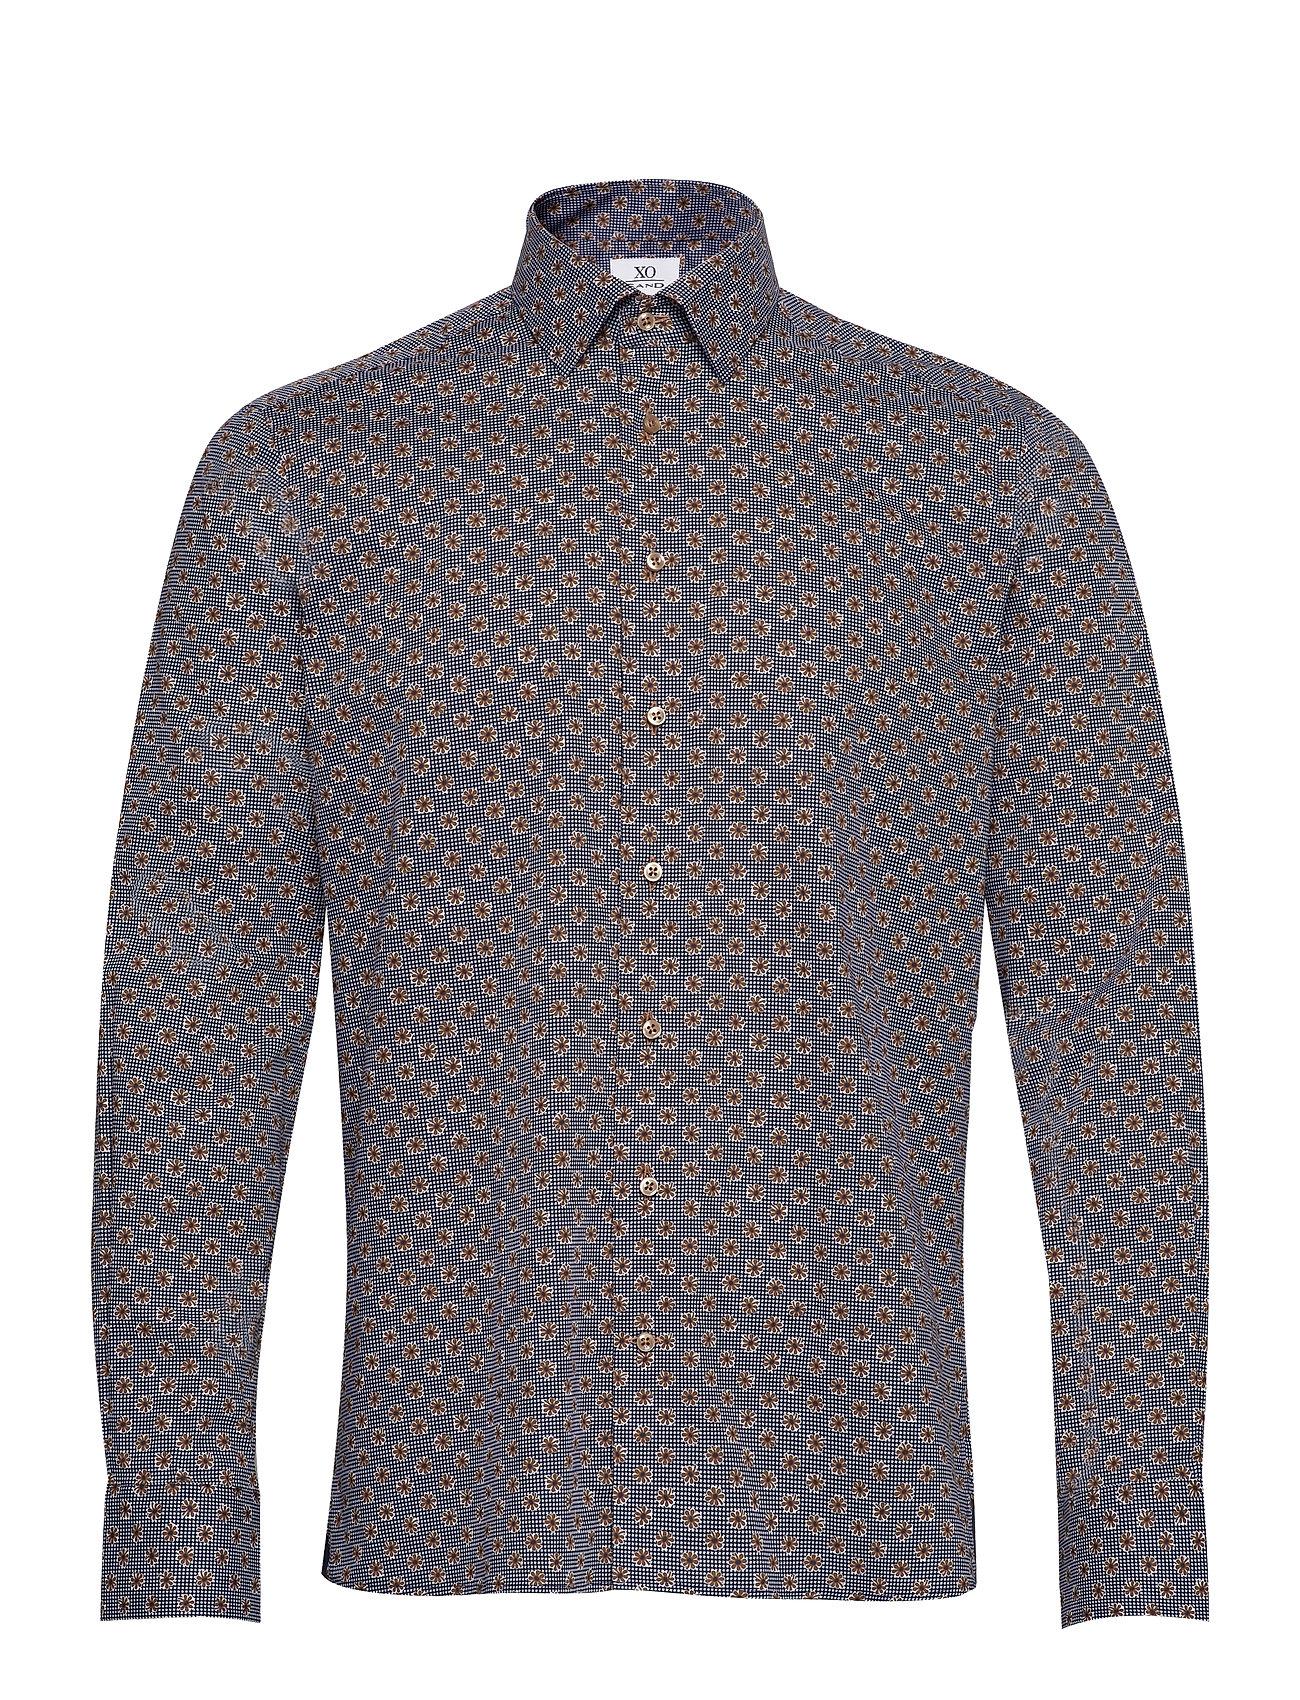 Image of 8667 - Gordon Sc Skjorte Casual Grå XO Shirtmaker By Sand Copenhagen (3441996437)